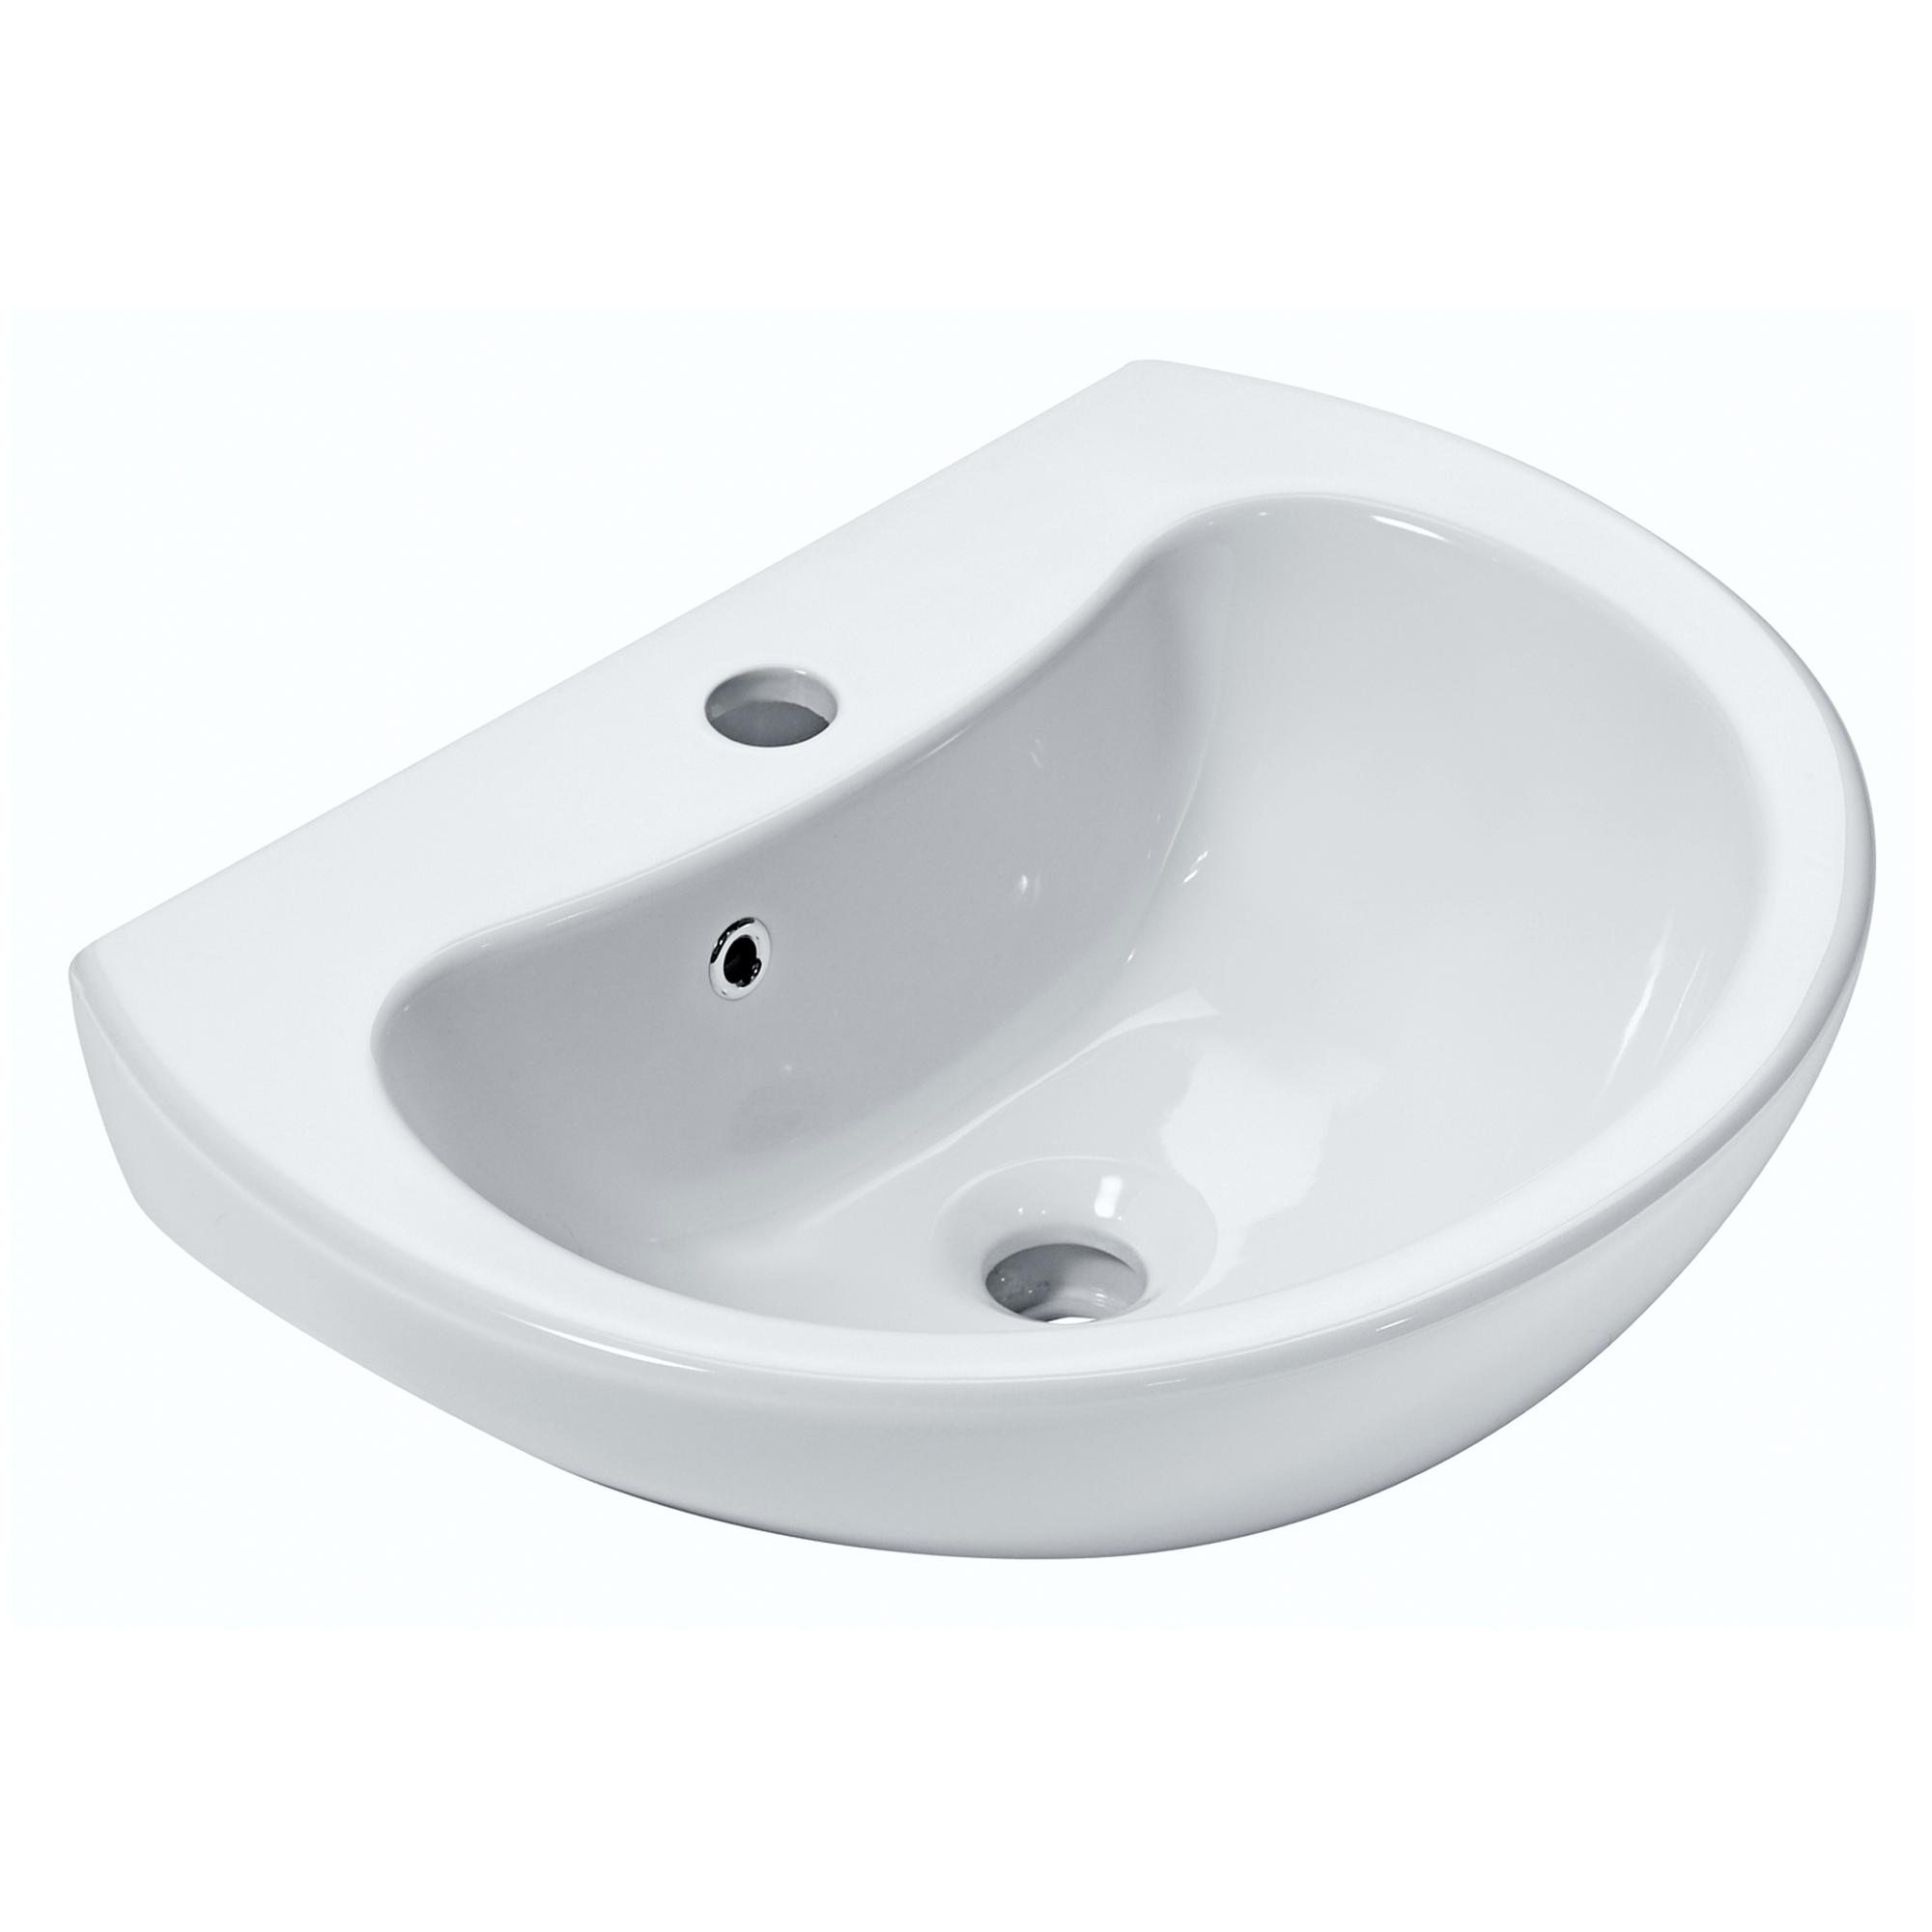 waschbecken schale oval finest waschbecken oval aufsatz. Black Bedroom Furniture Sets. Home Design Ideas